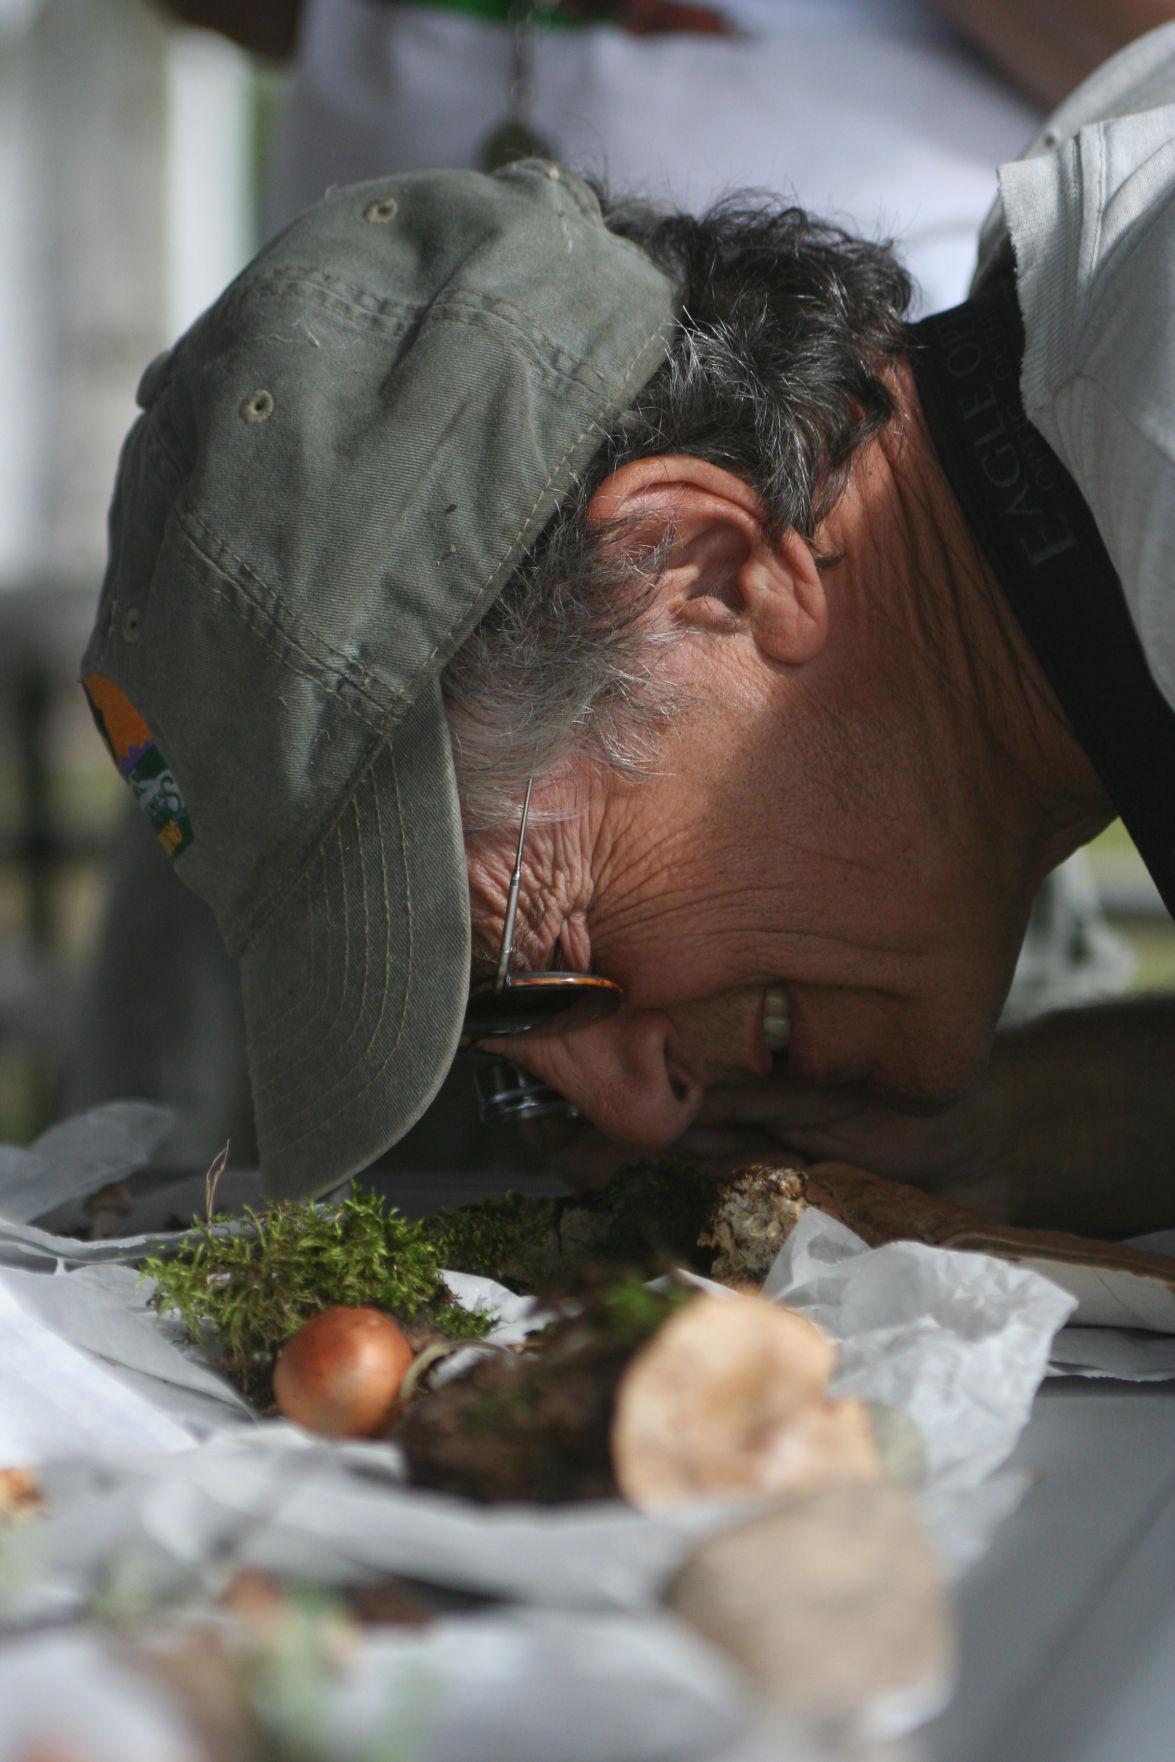 Mushrooms of Tanana Region